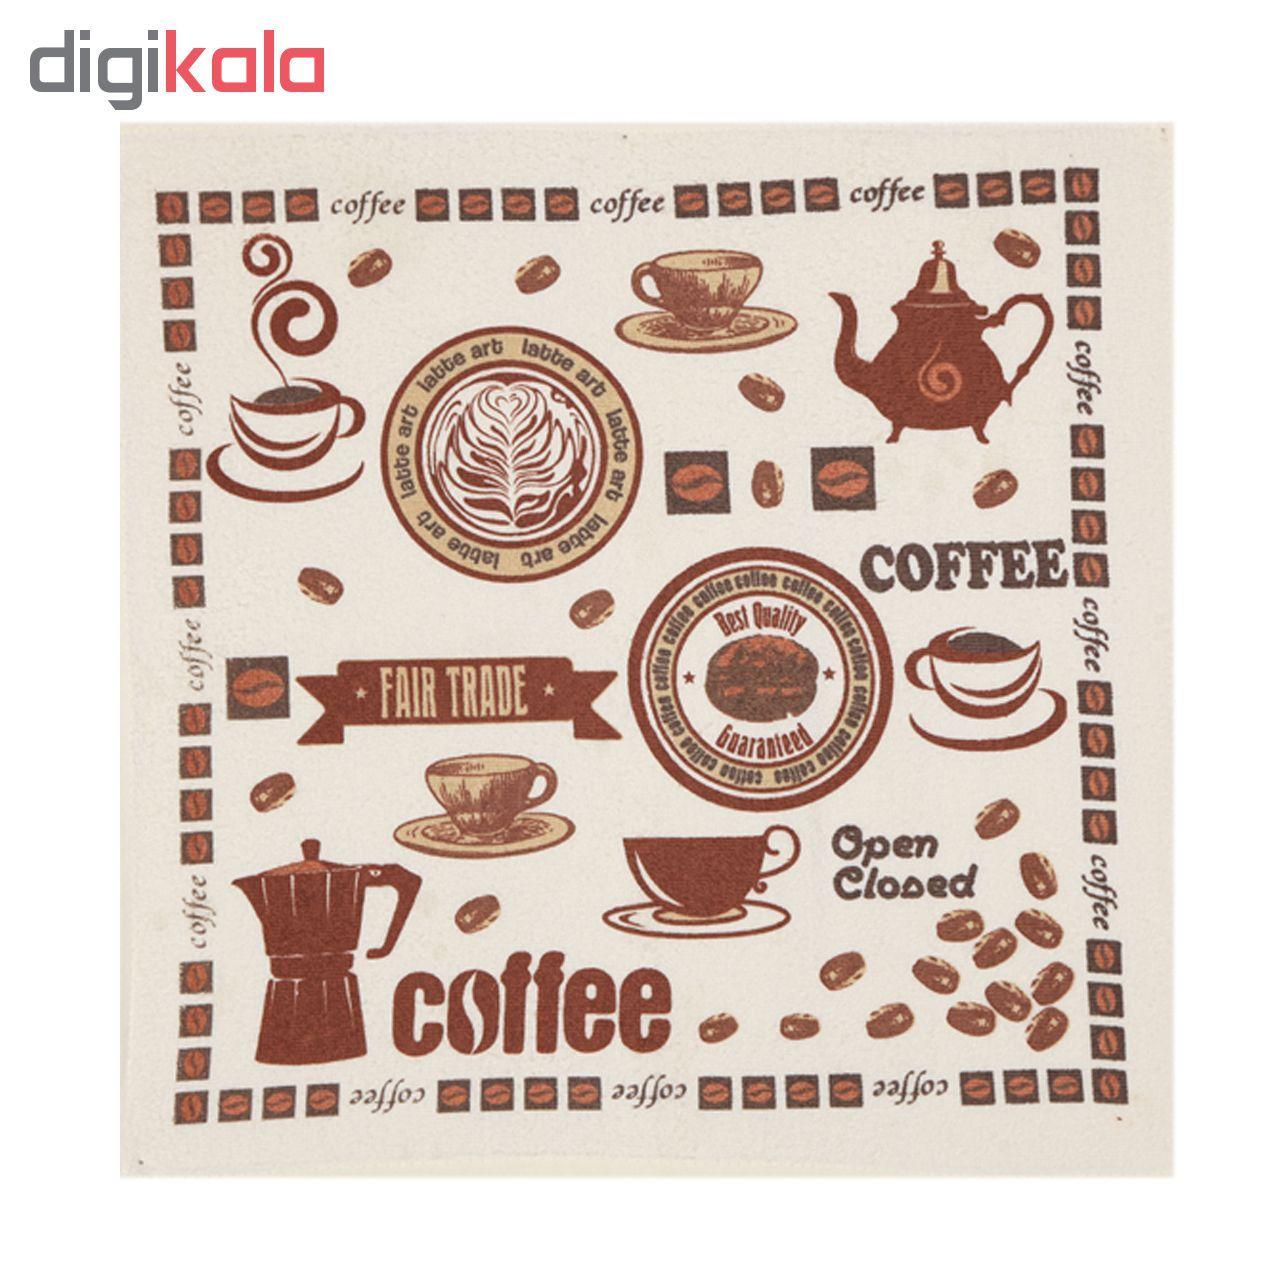 حوله آشپزخانه آکیپک مدل Coffee سایز 50x50 سانتیمتر main 1 1